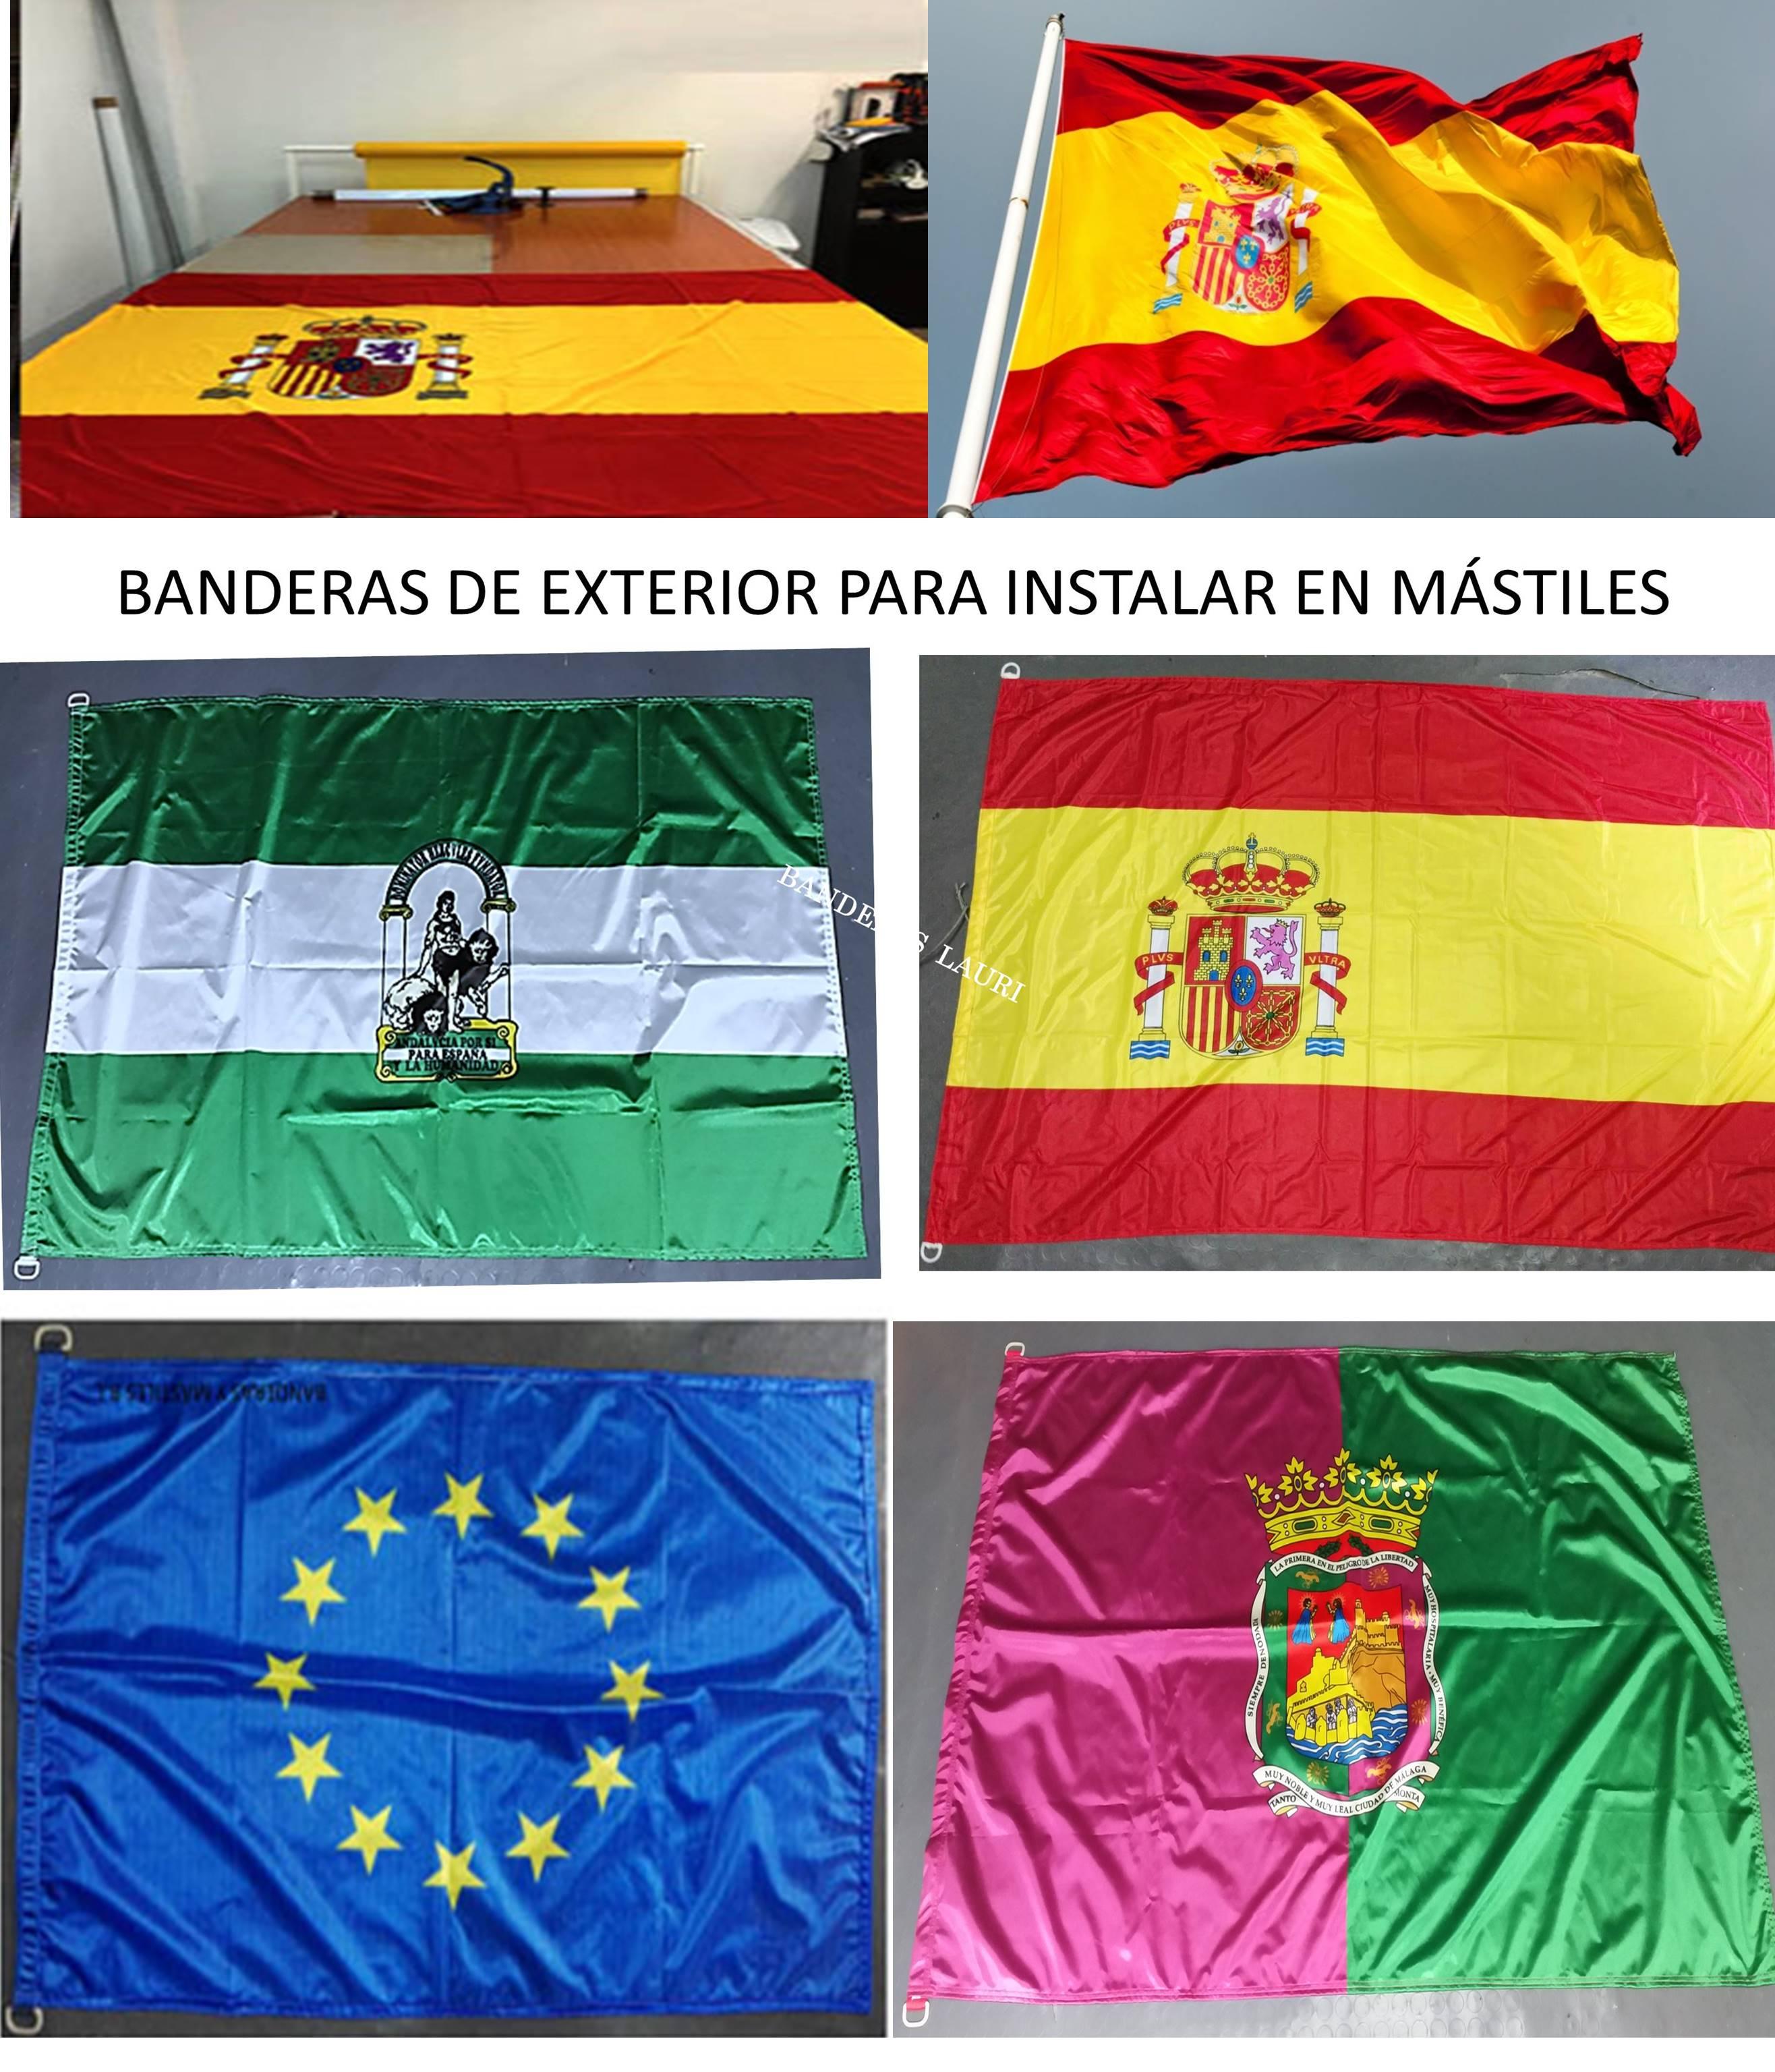 Venta de Banderas de Exterior